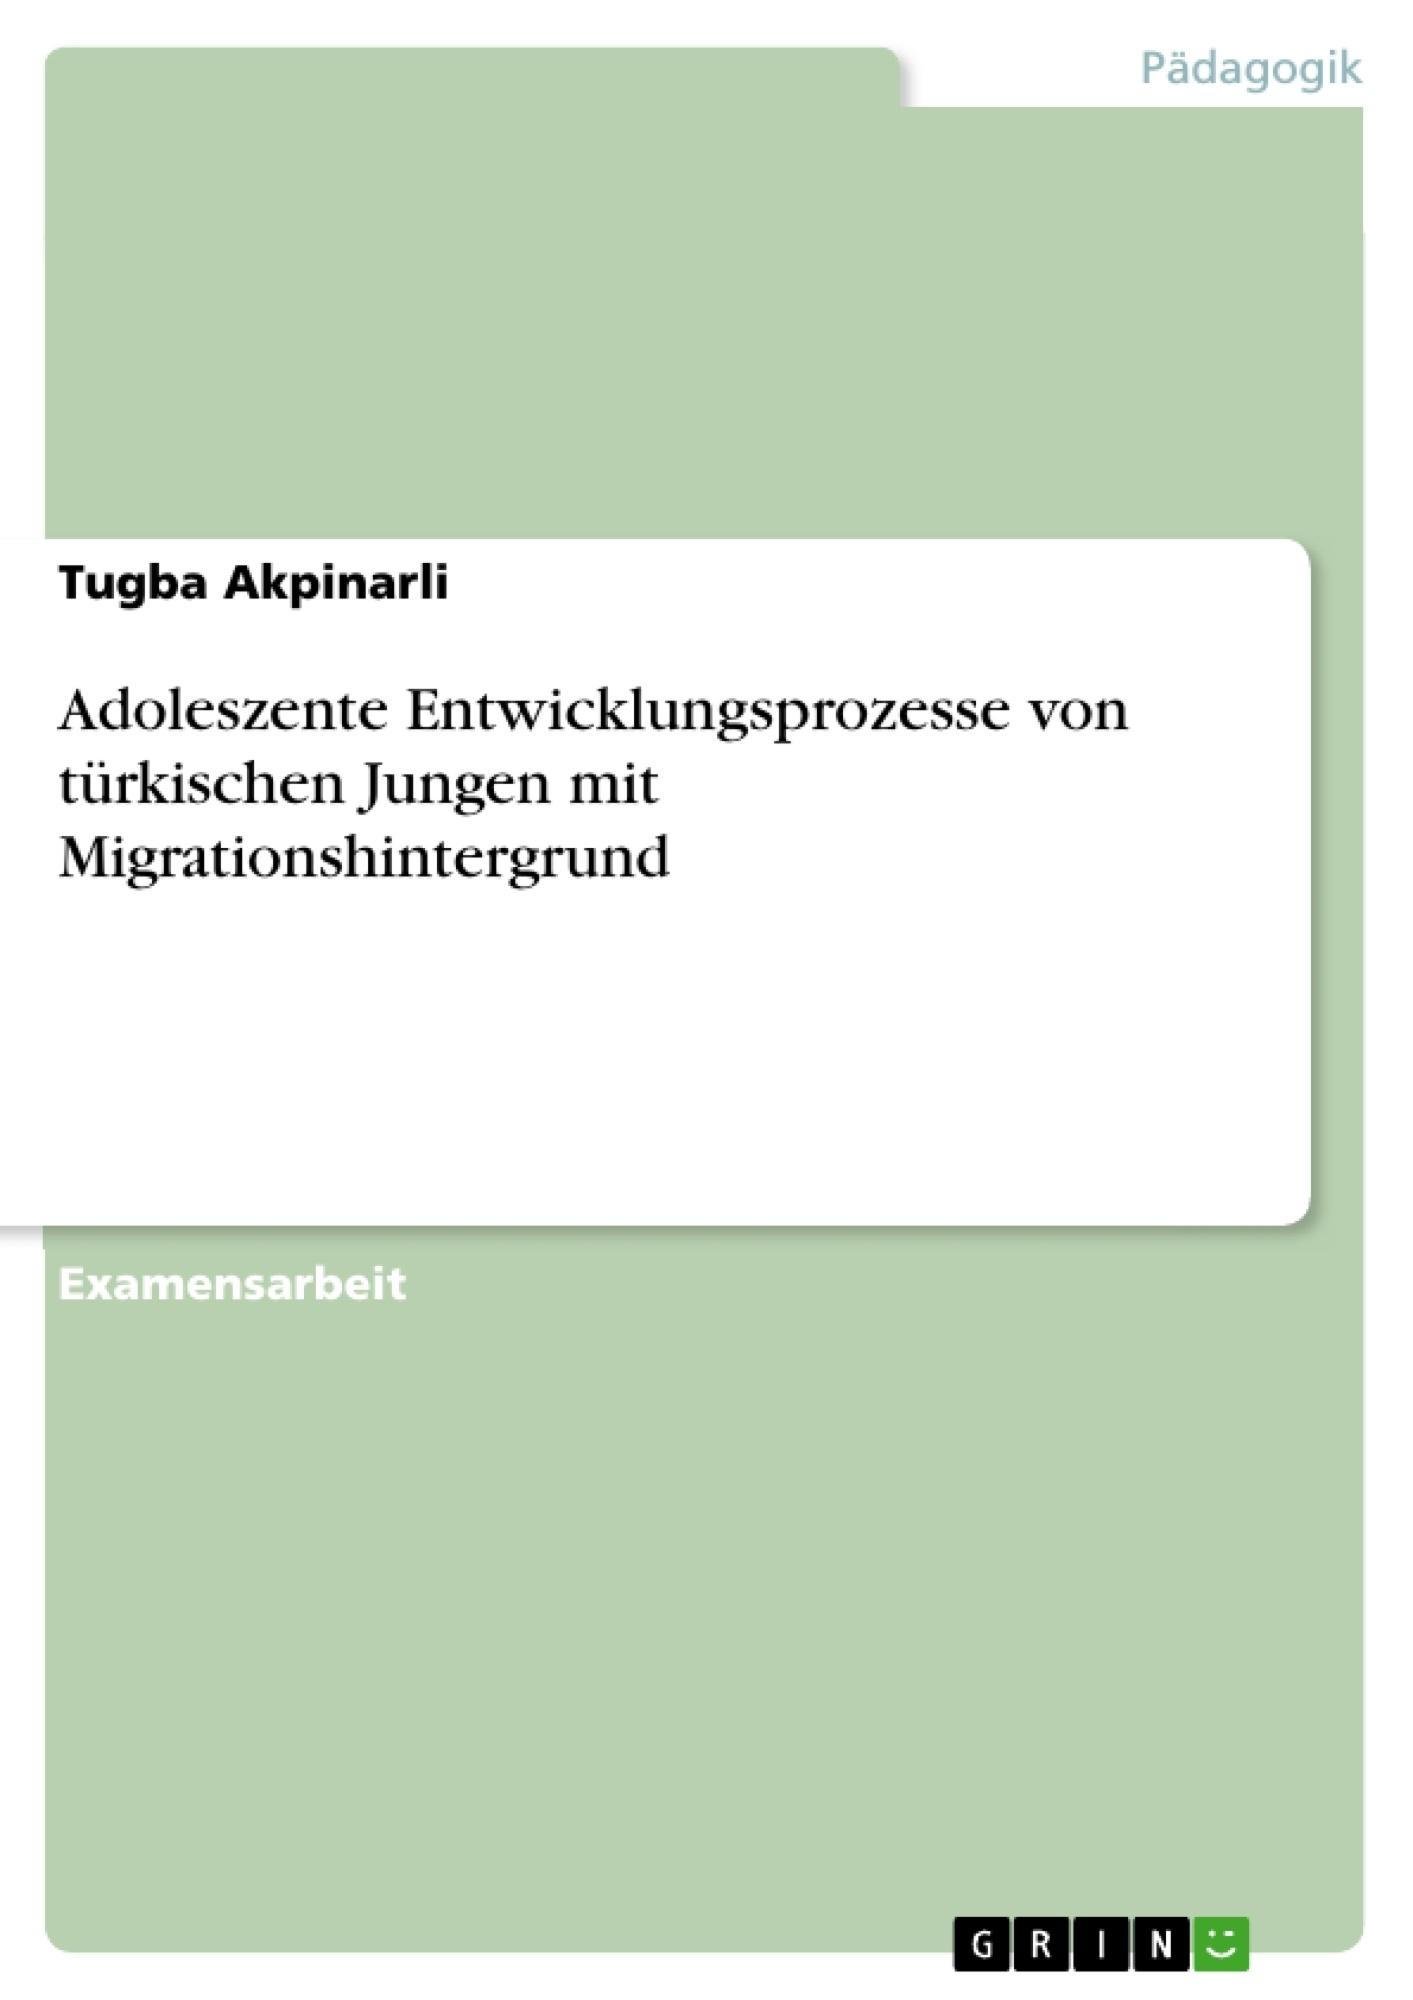 Titel: Adoleszente Entwicklungsprozesse von türkischen Jungen mit Migrationshintergrund